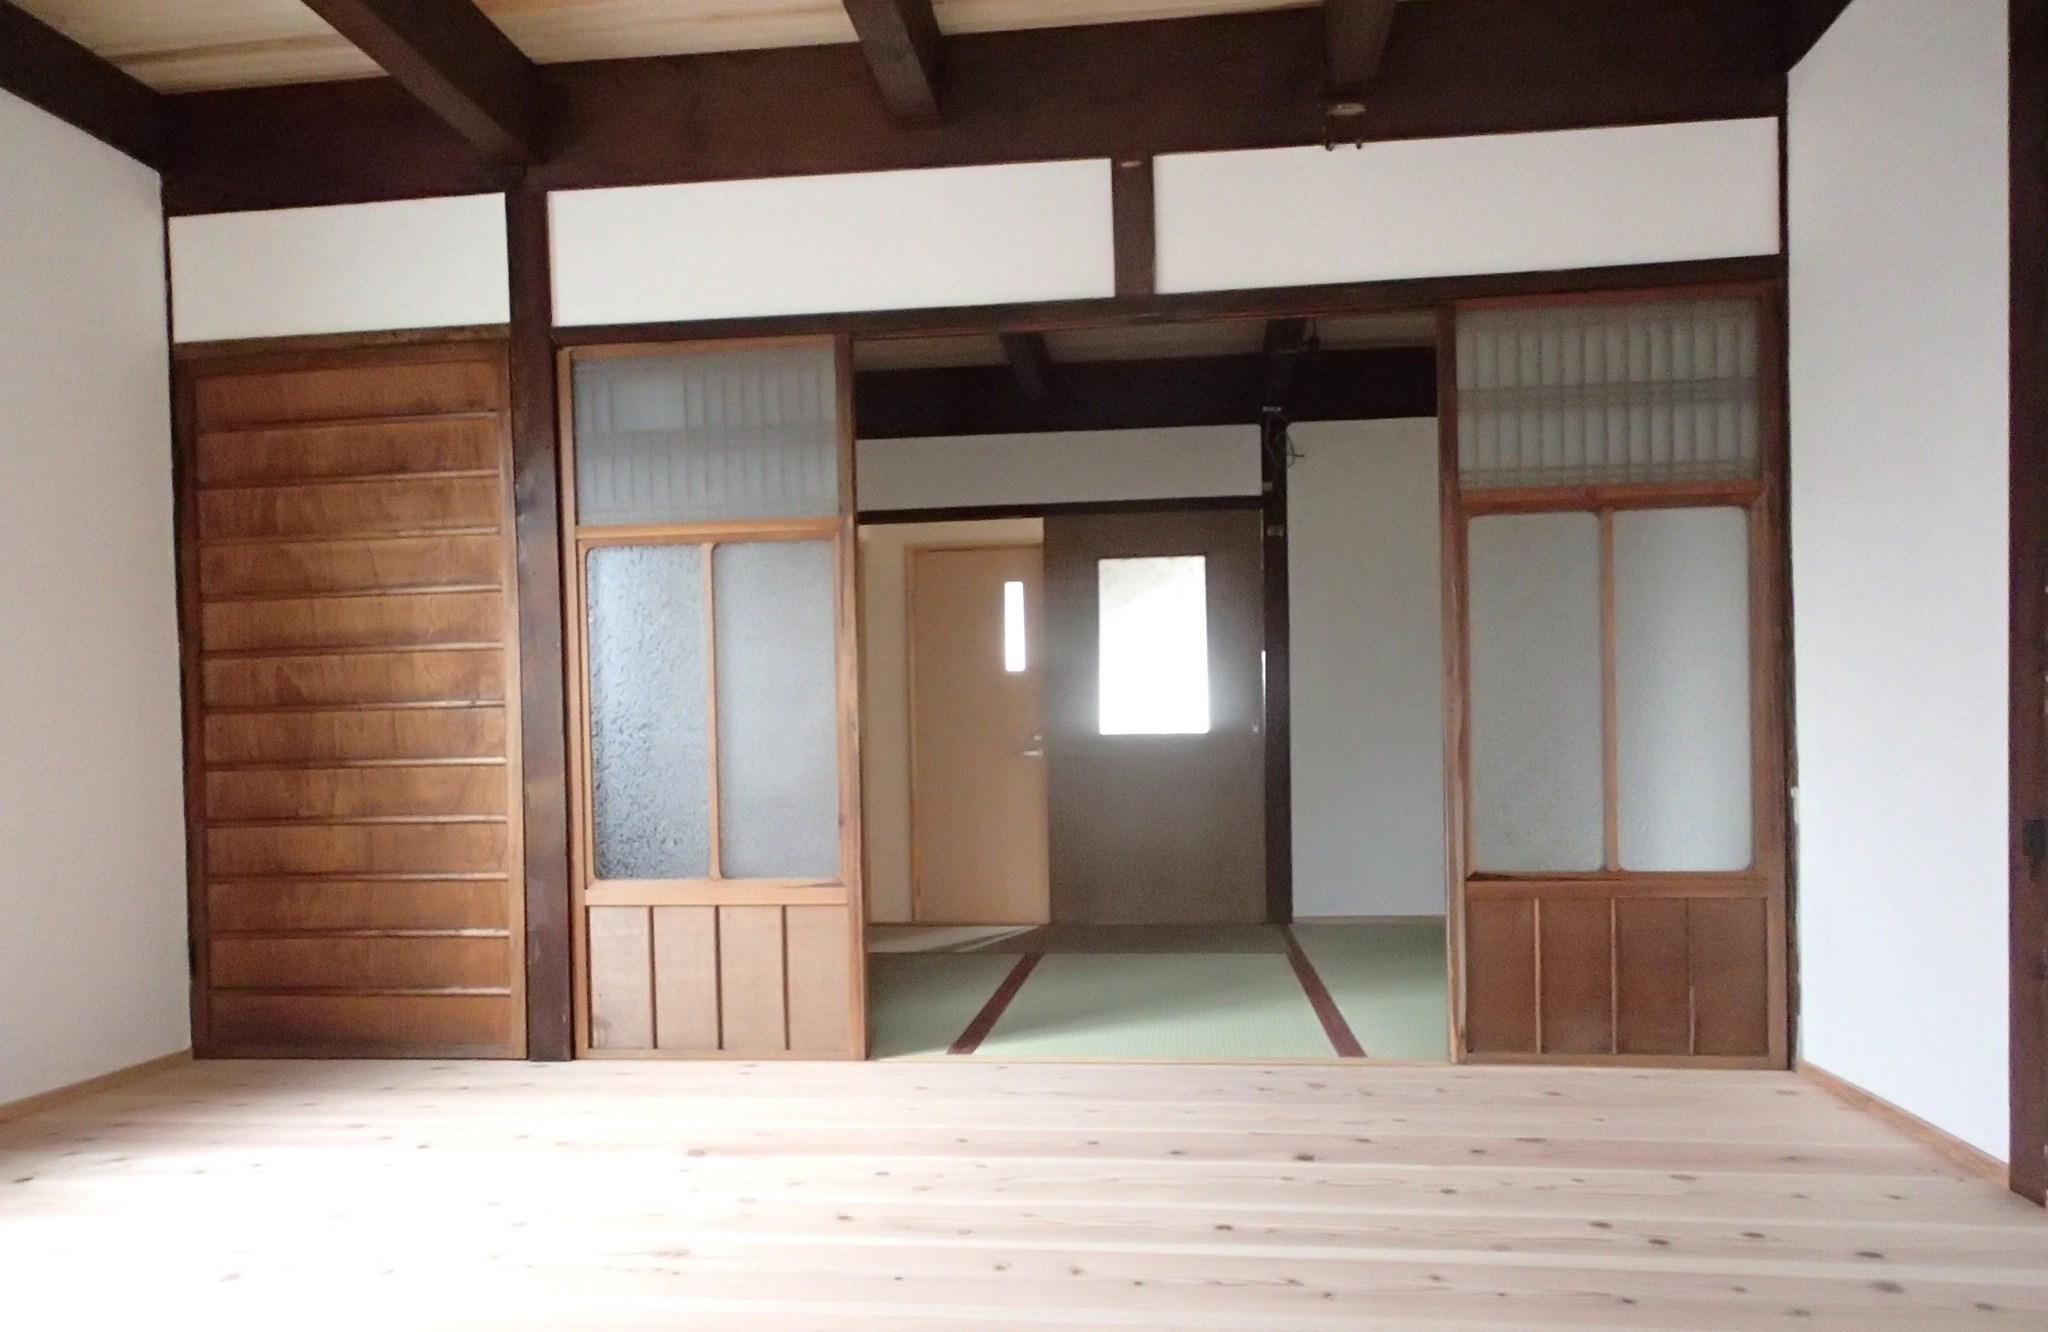 『JR倉敷駅前長屋の再生②』 _b0211845_10511907.jpg